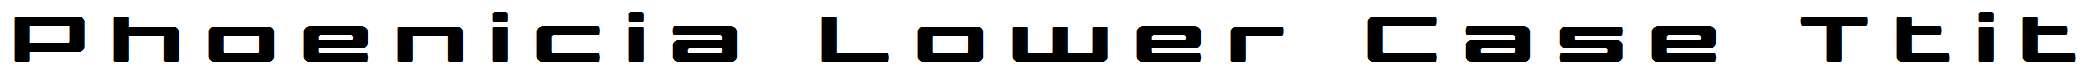 Phoenicia-Lower-Case-Ttitle